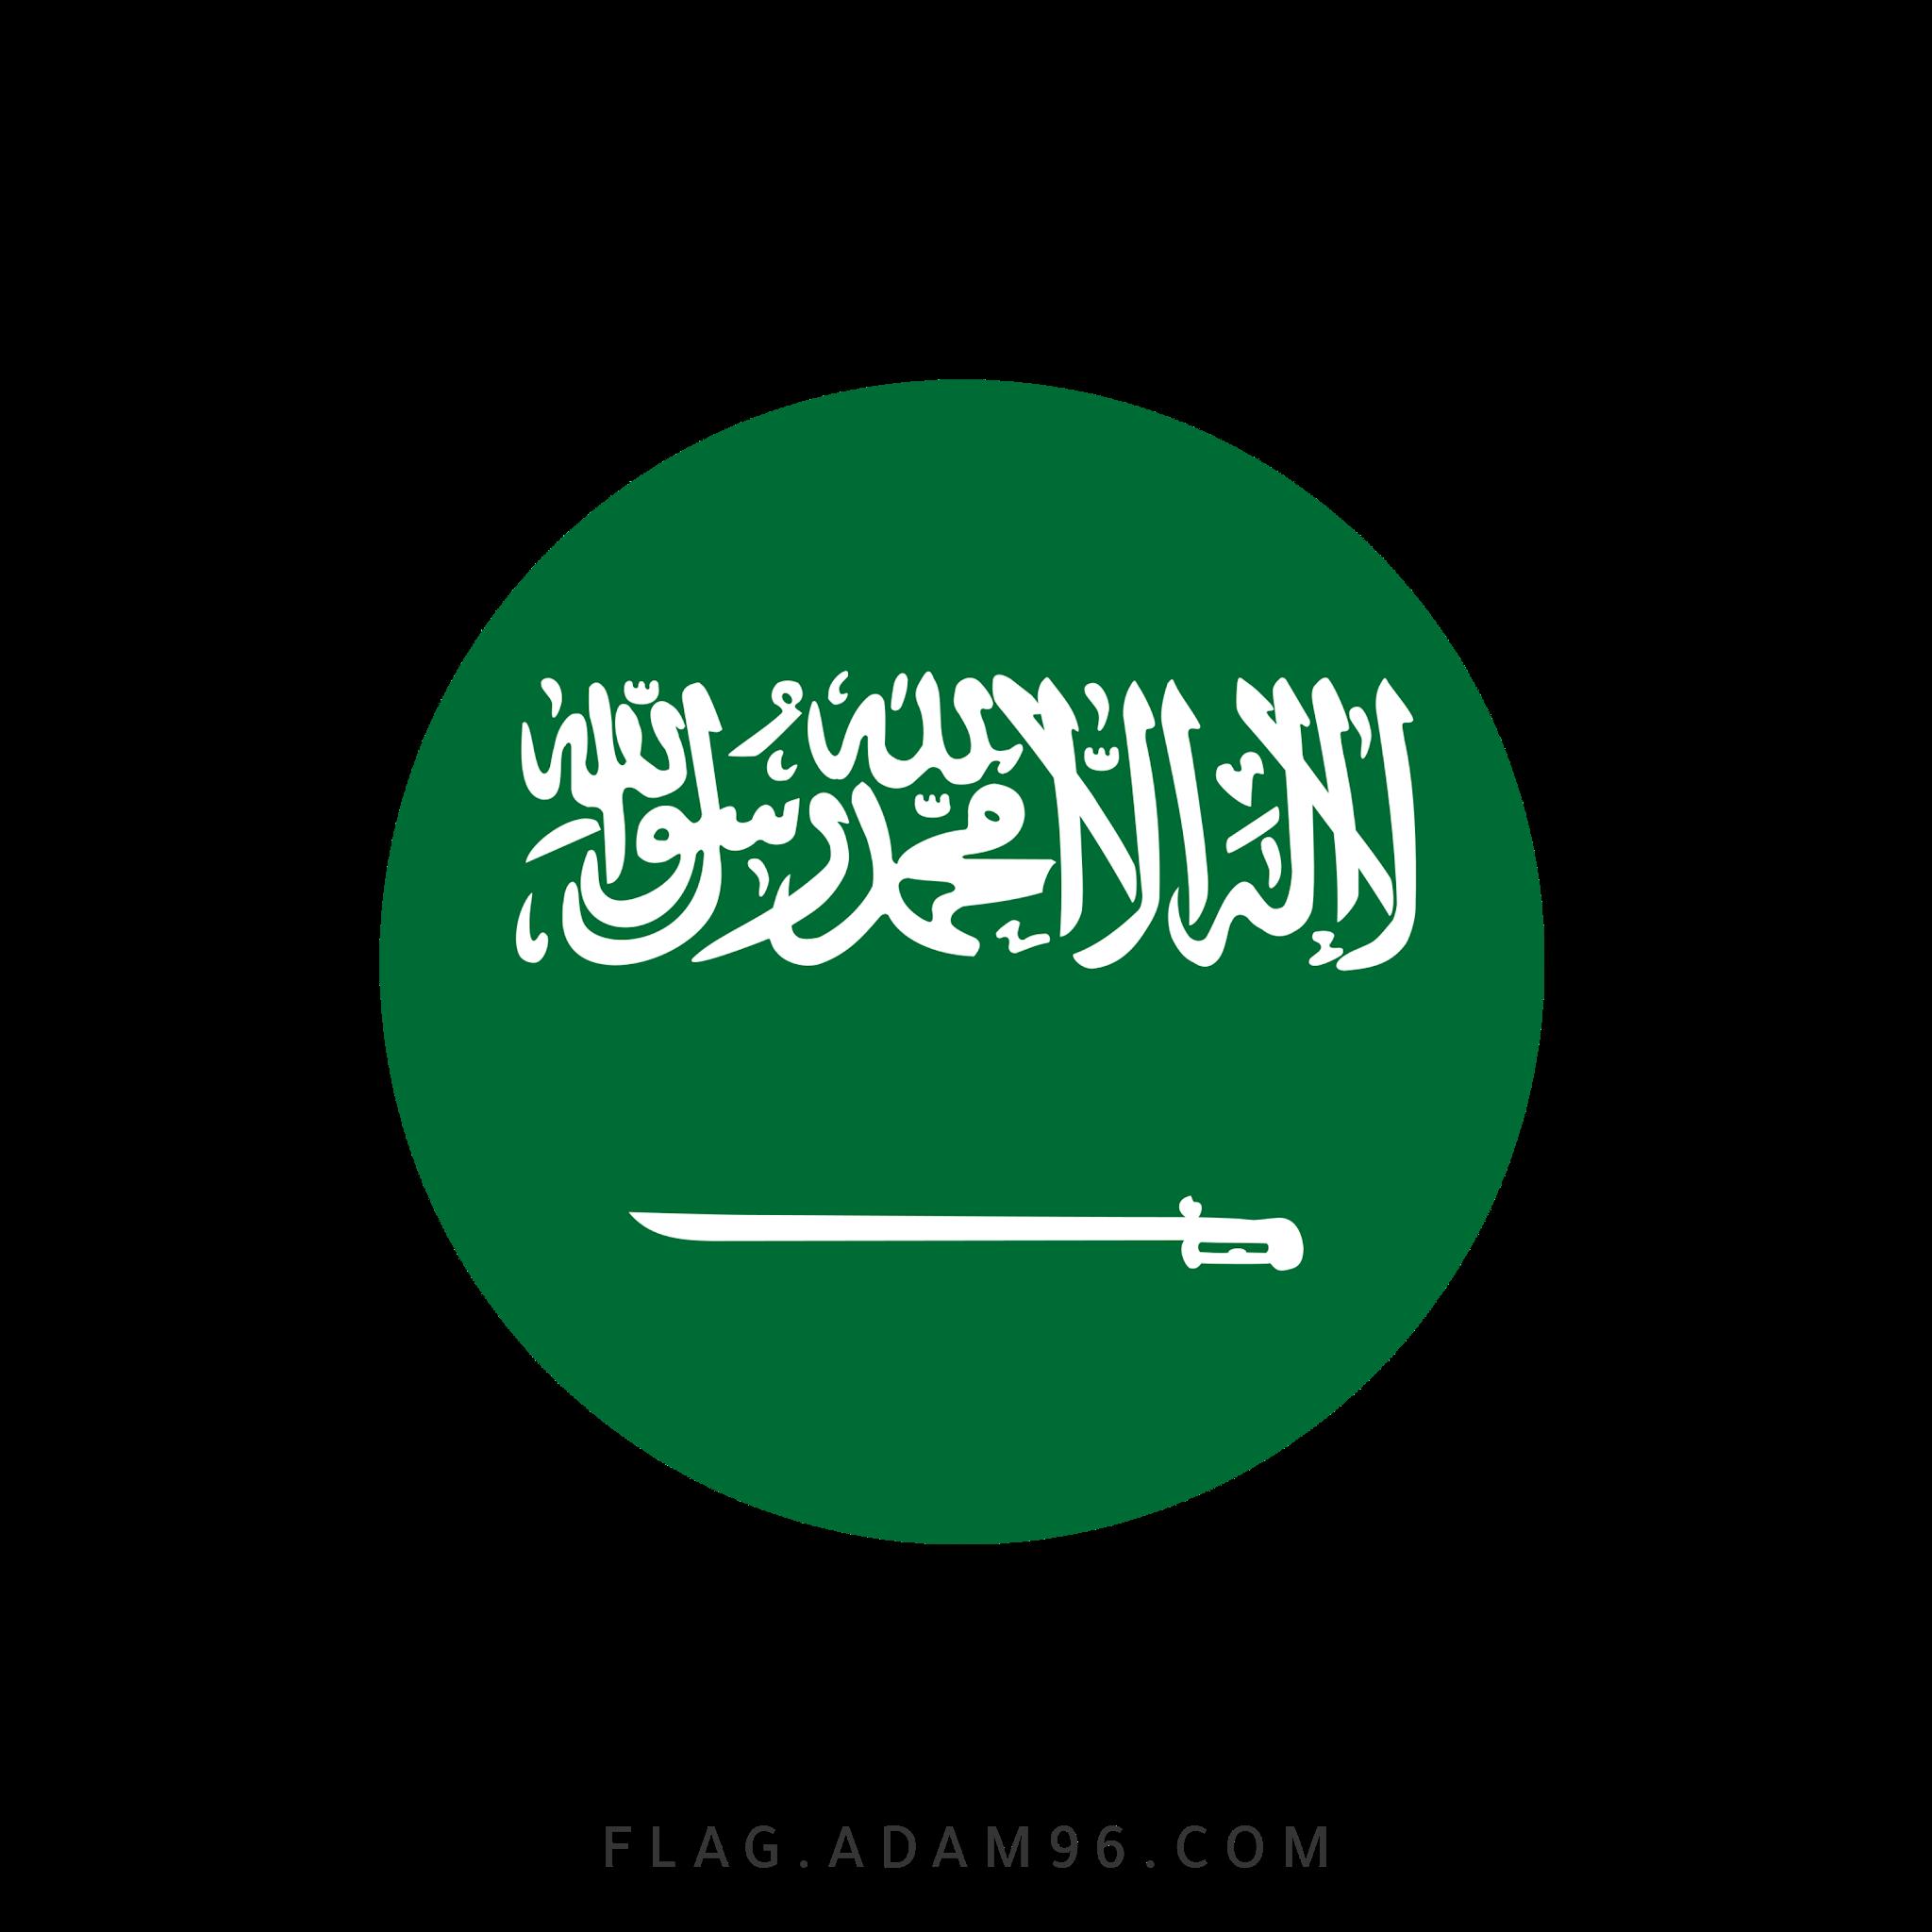 تحميل علم السعودية بشكل دائري للتصميم خلفيات علم السعودية للتصميم بصيغة PNG